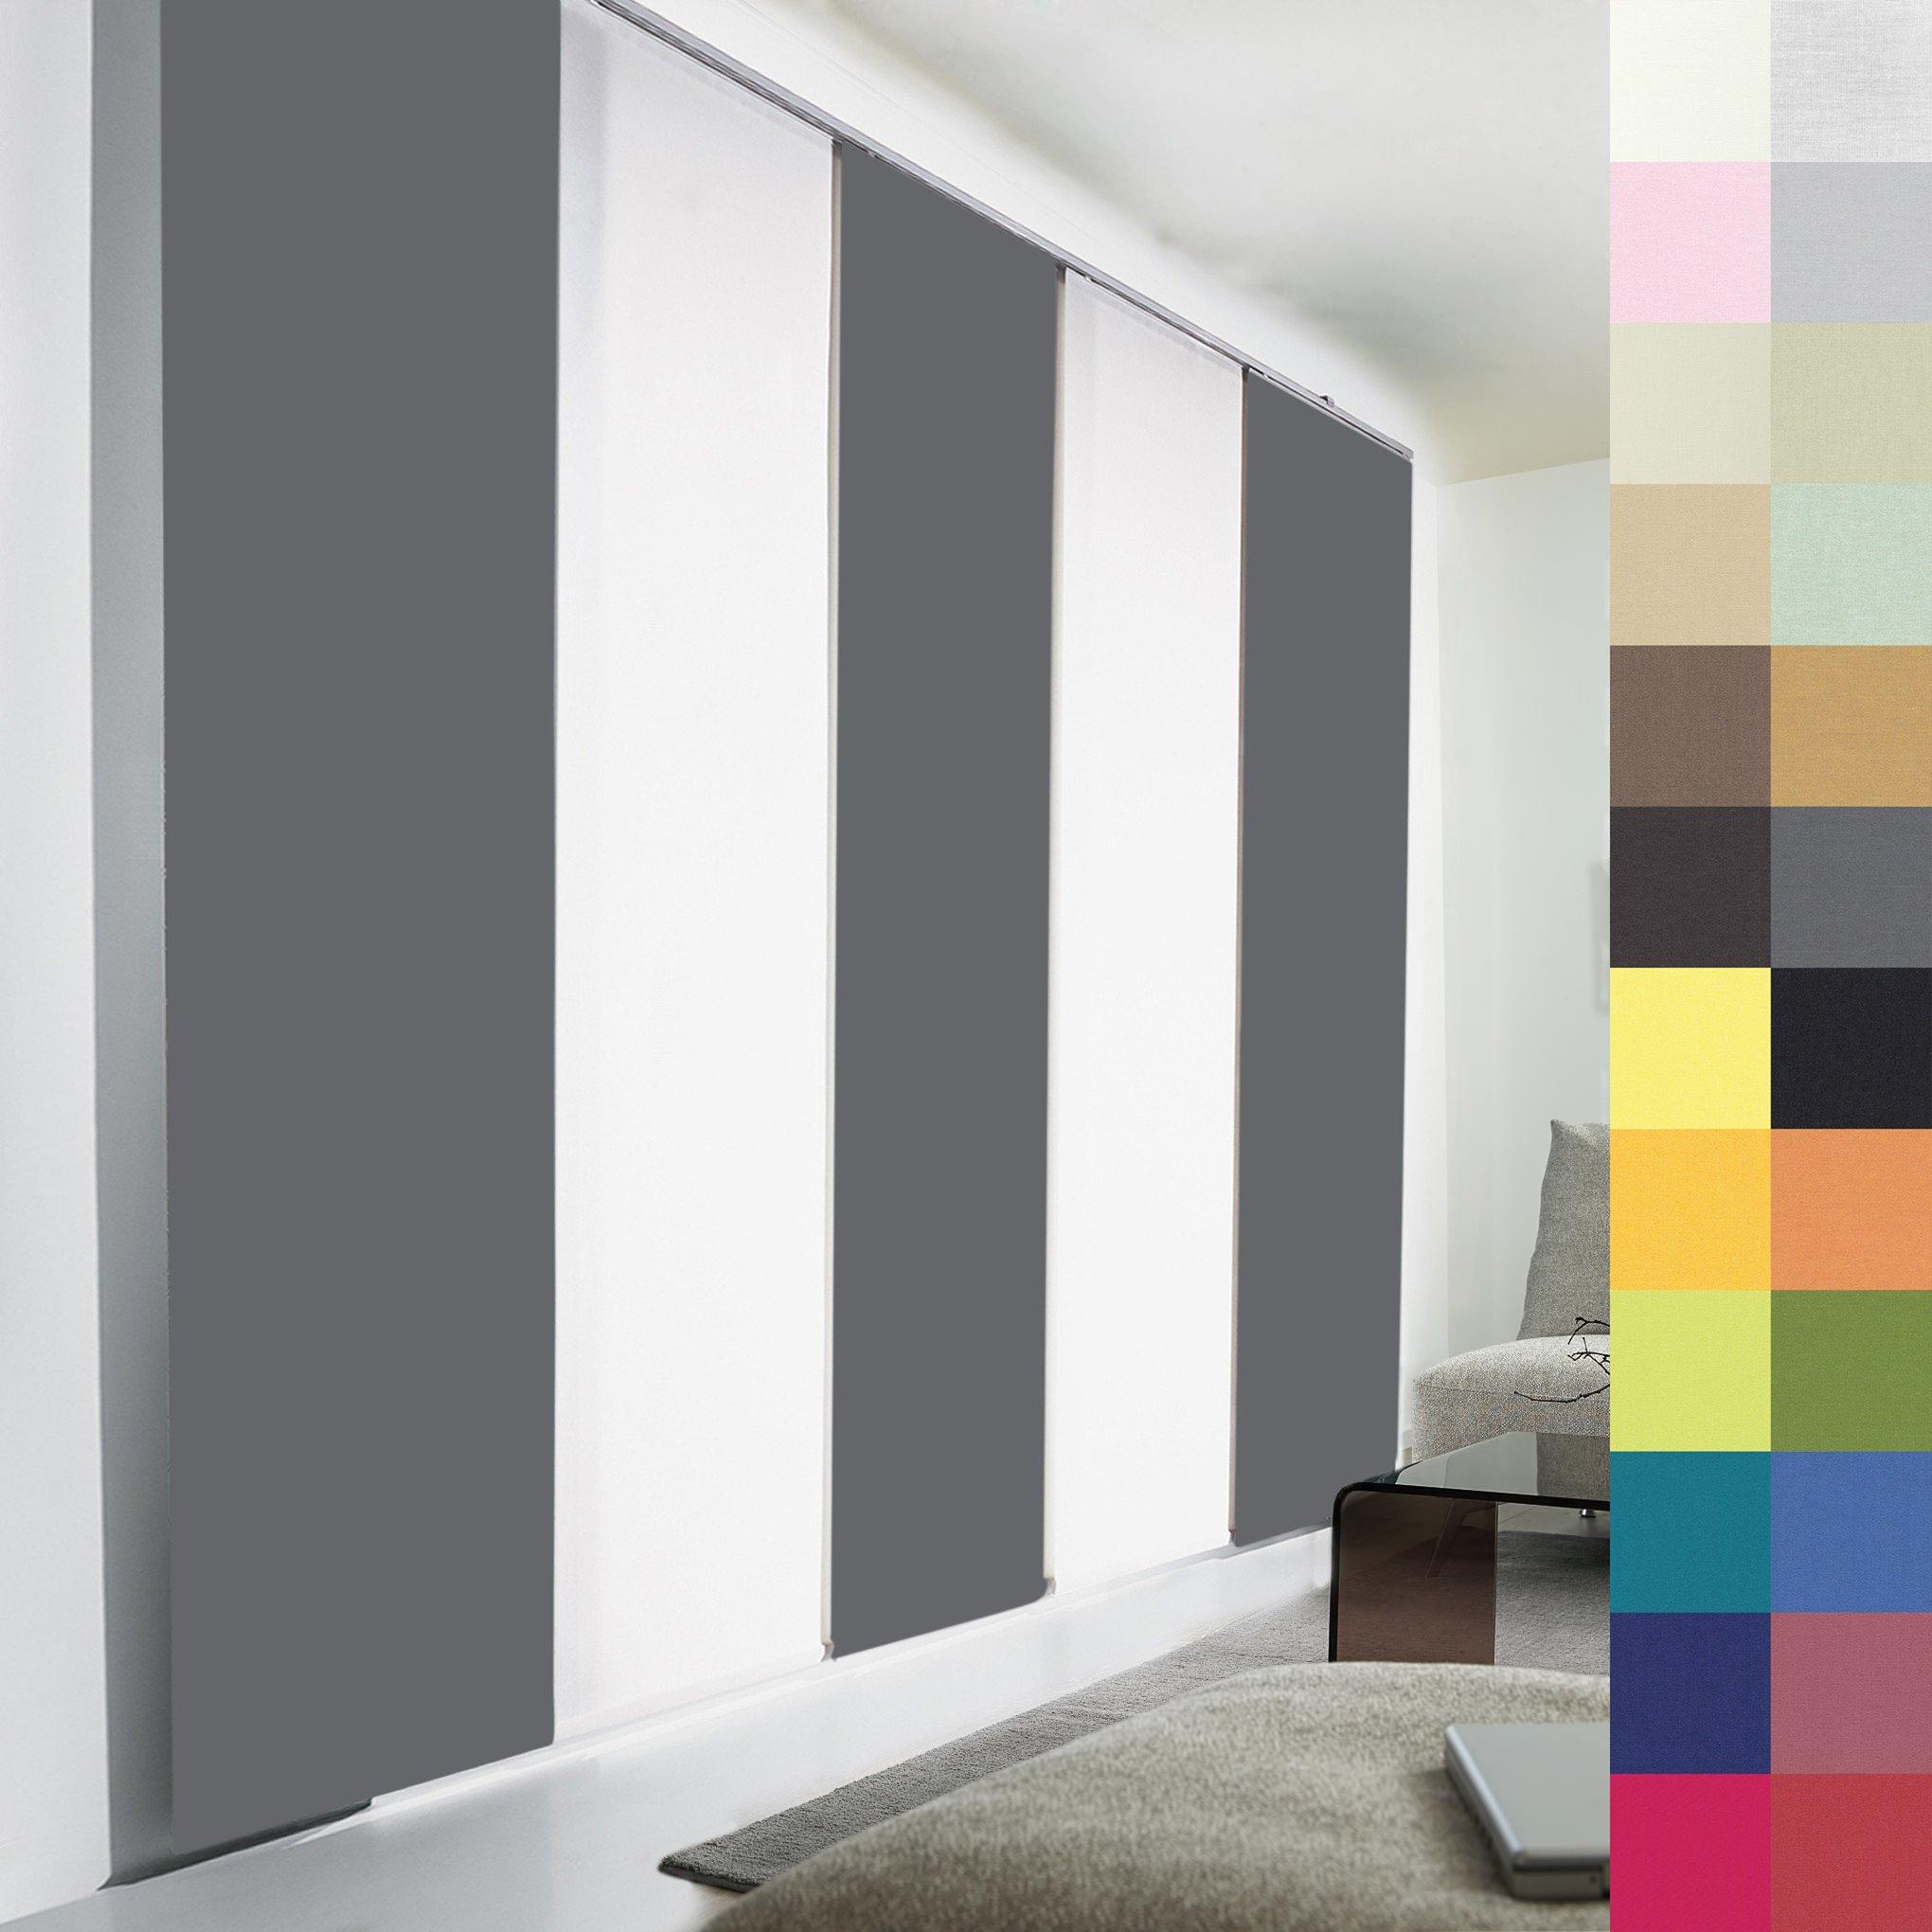 Schiebegardinen Nach Maß, Hochqualitative Wertarbeit, Alle Größen Und Mehr  Als 20 Farben Verfügbar,